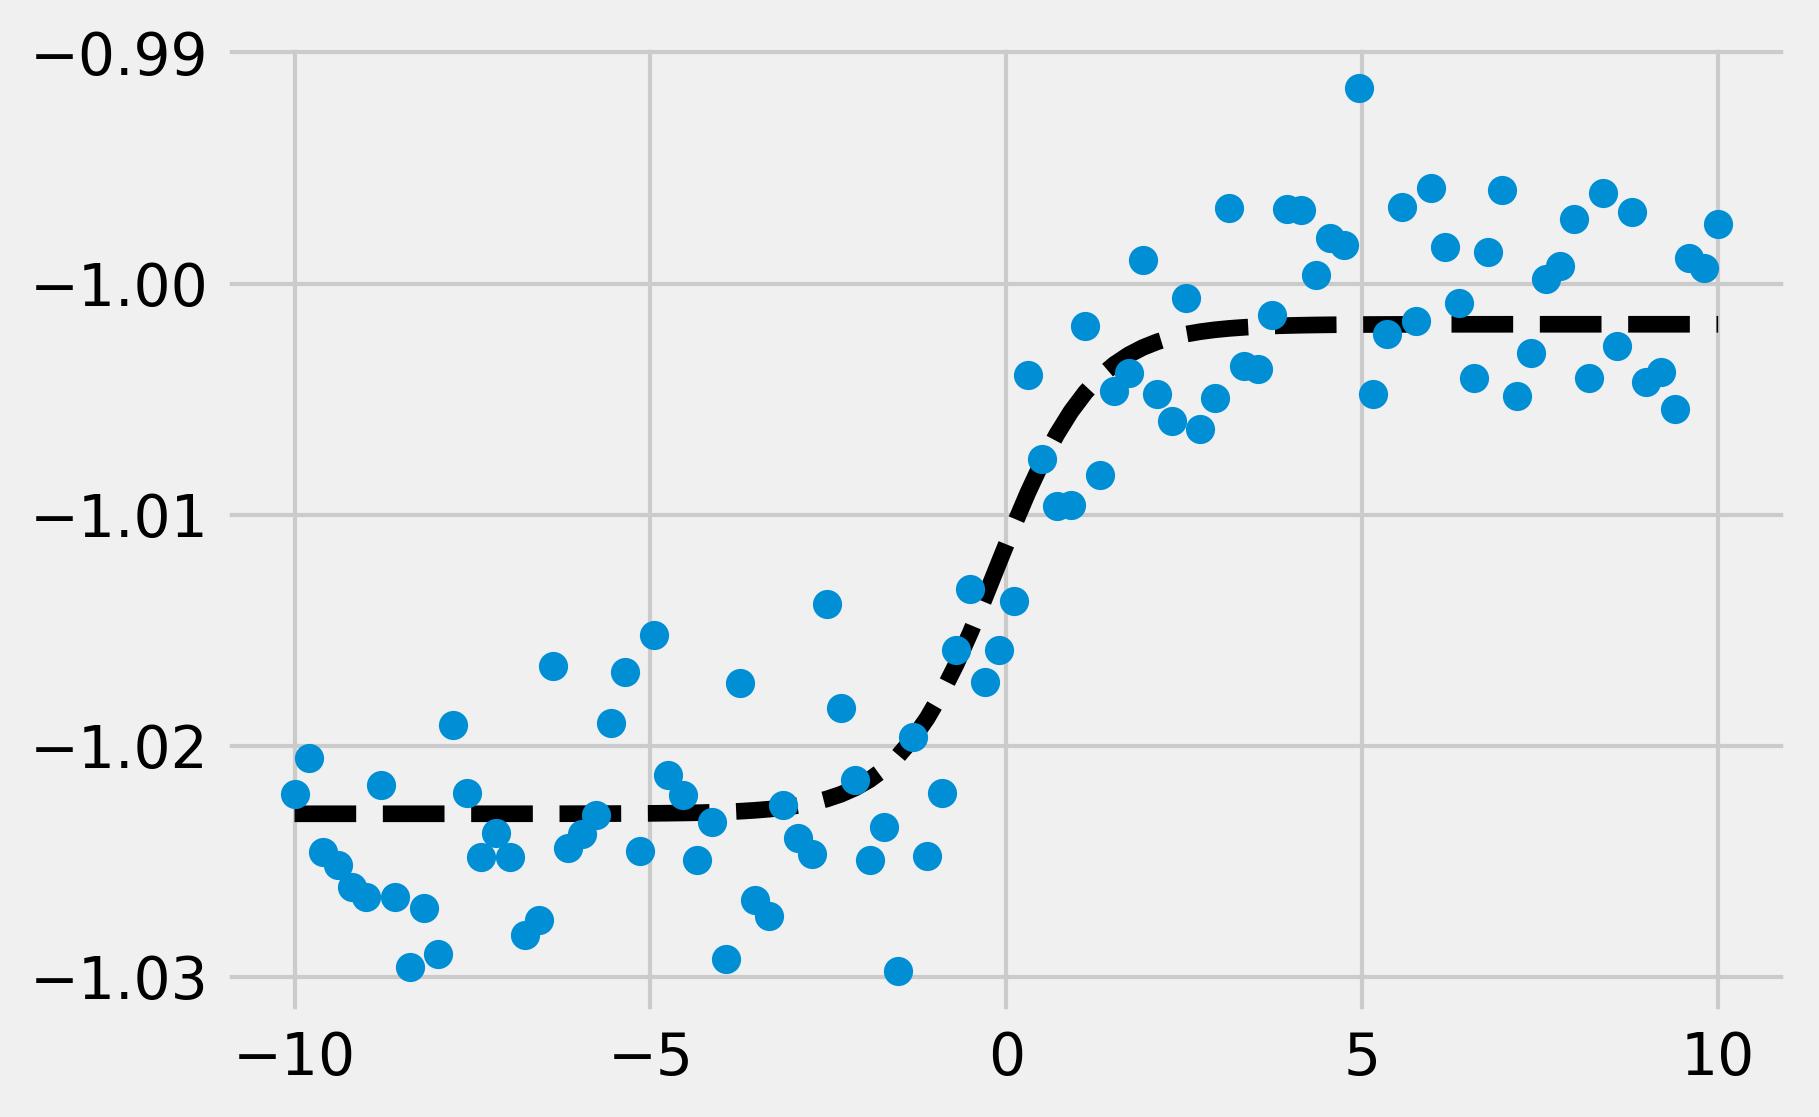 <matplotlib.figure.Figure at 0x6bc90b8>